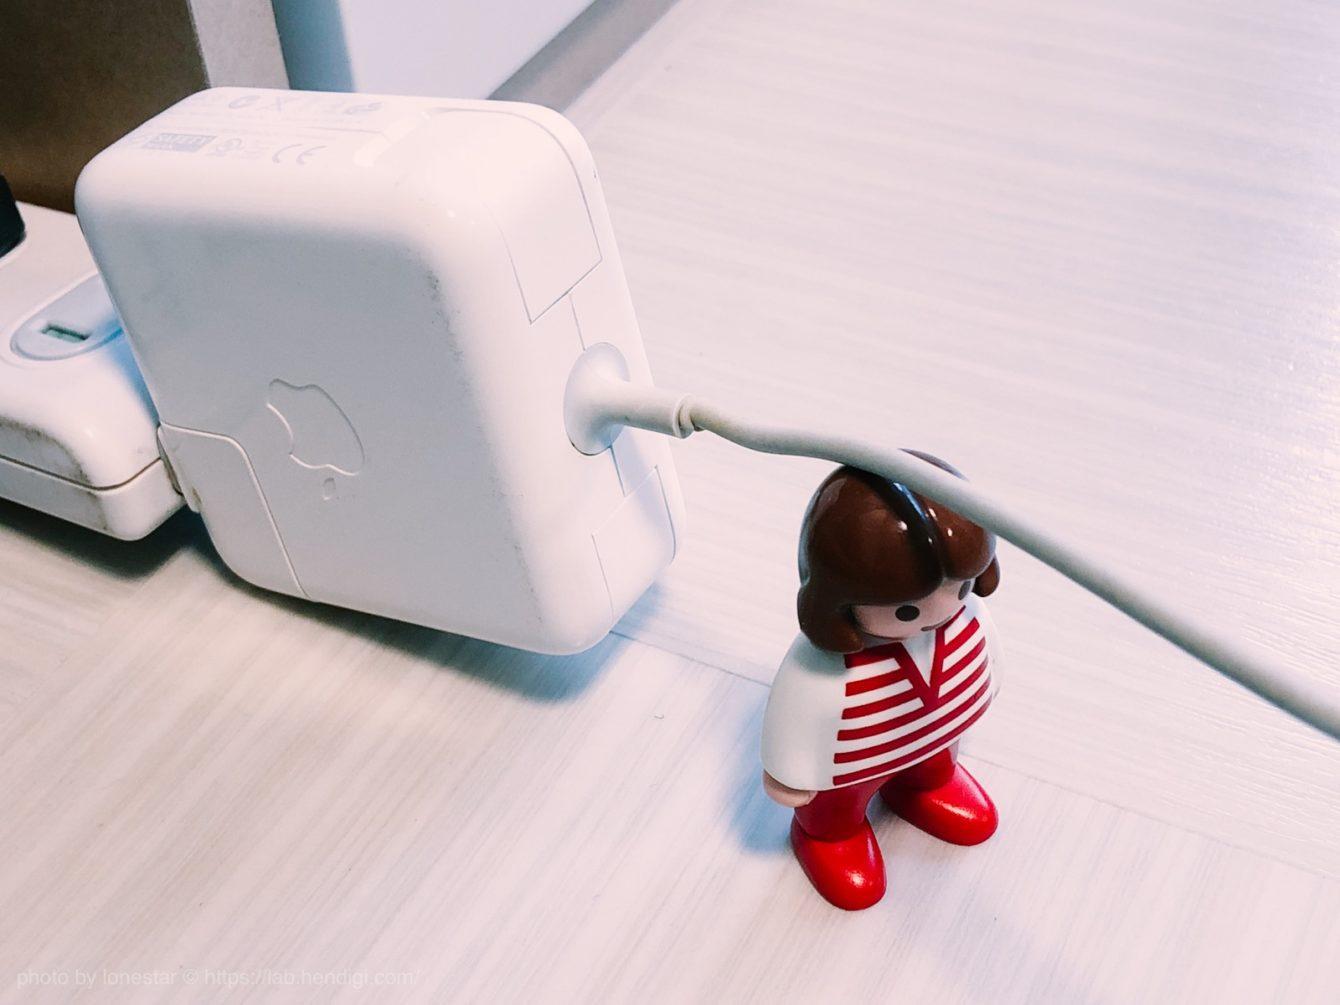 MacBook Air 電源ケーブル